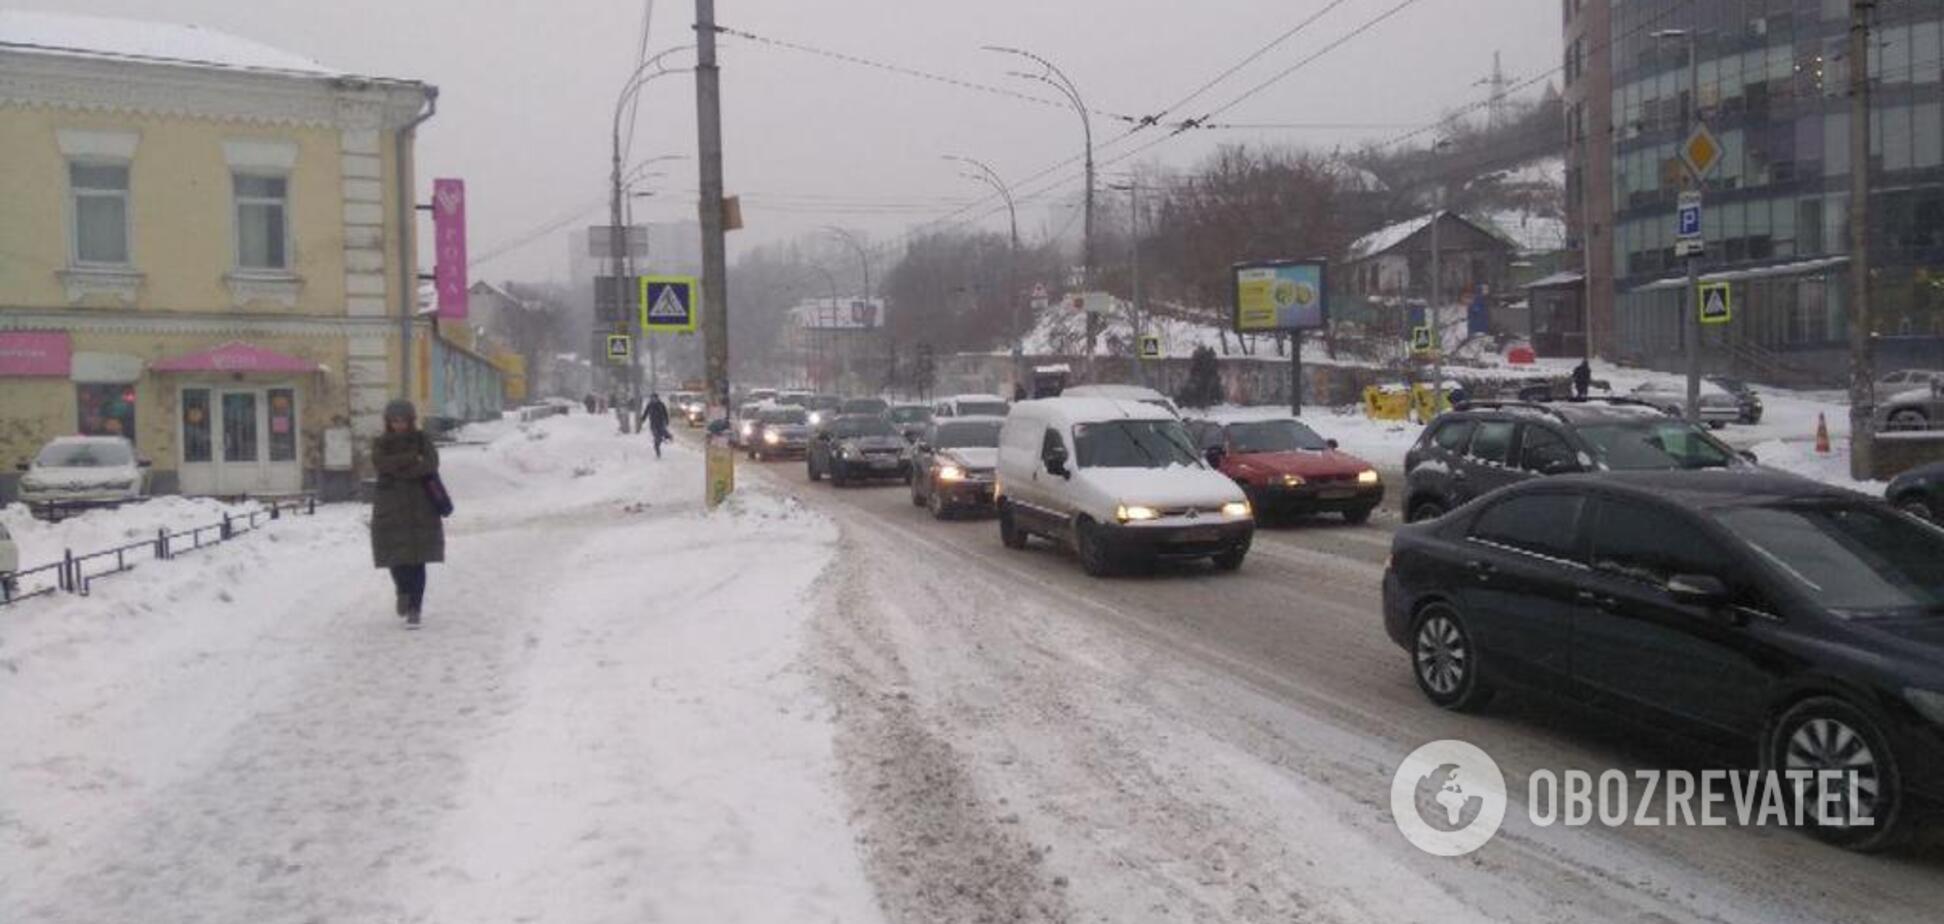 1200 ДТП и жертвы: Украину накрыл мощный снегопад